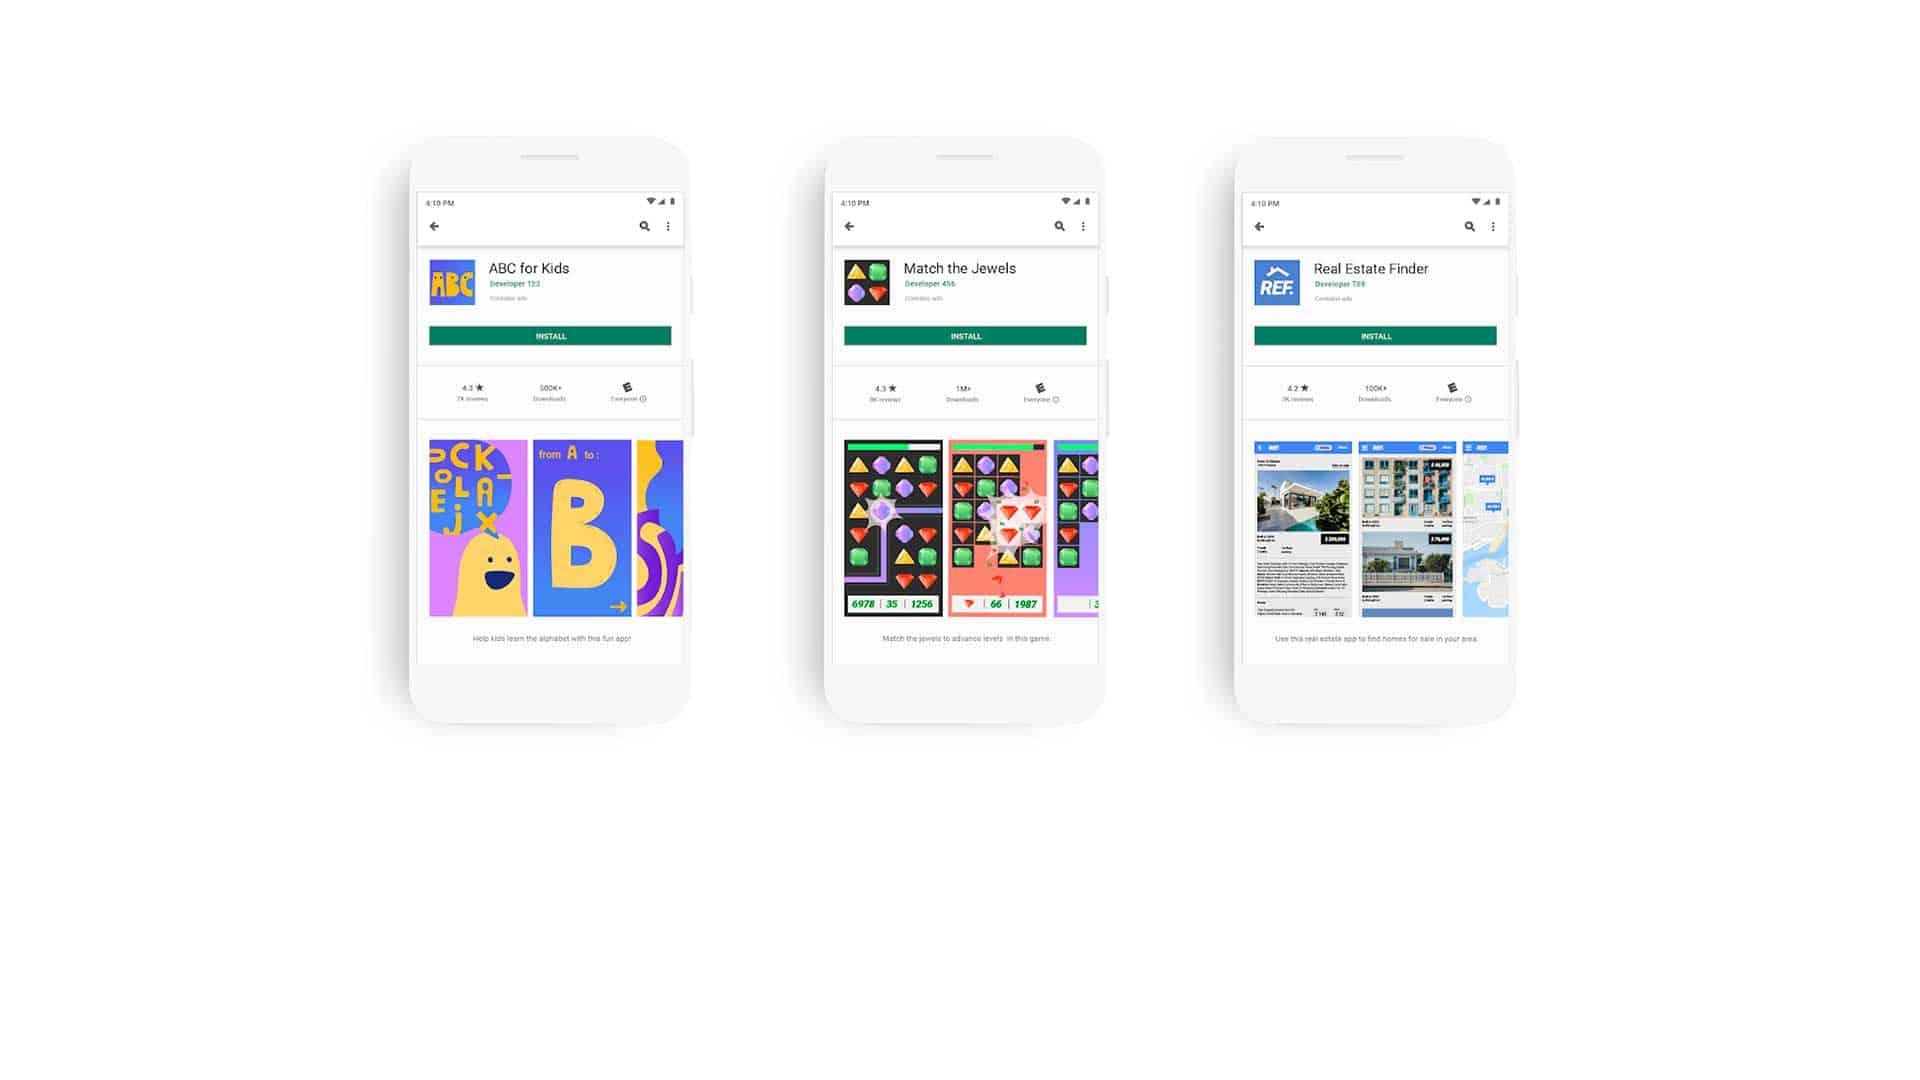 Kategorisierung nach Alterseinstufung Android Apps